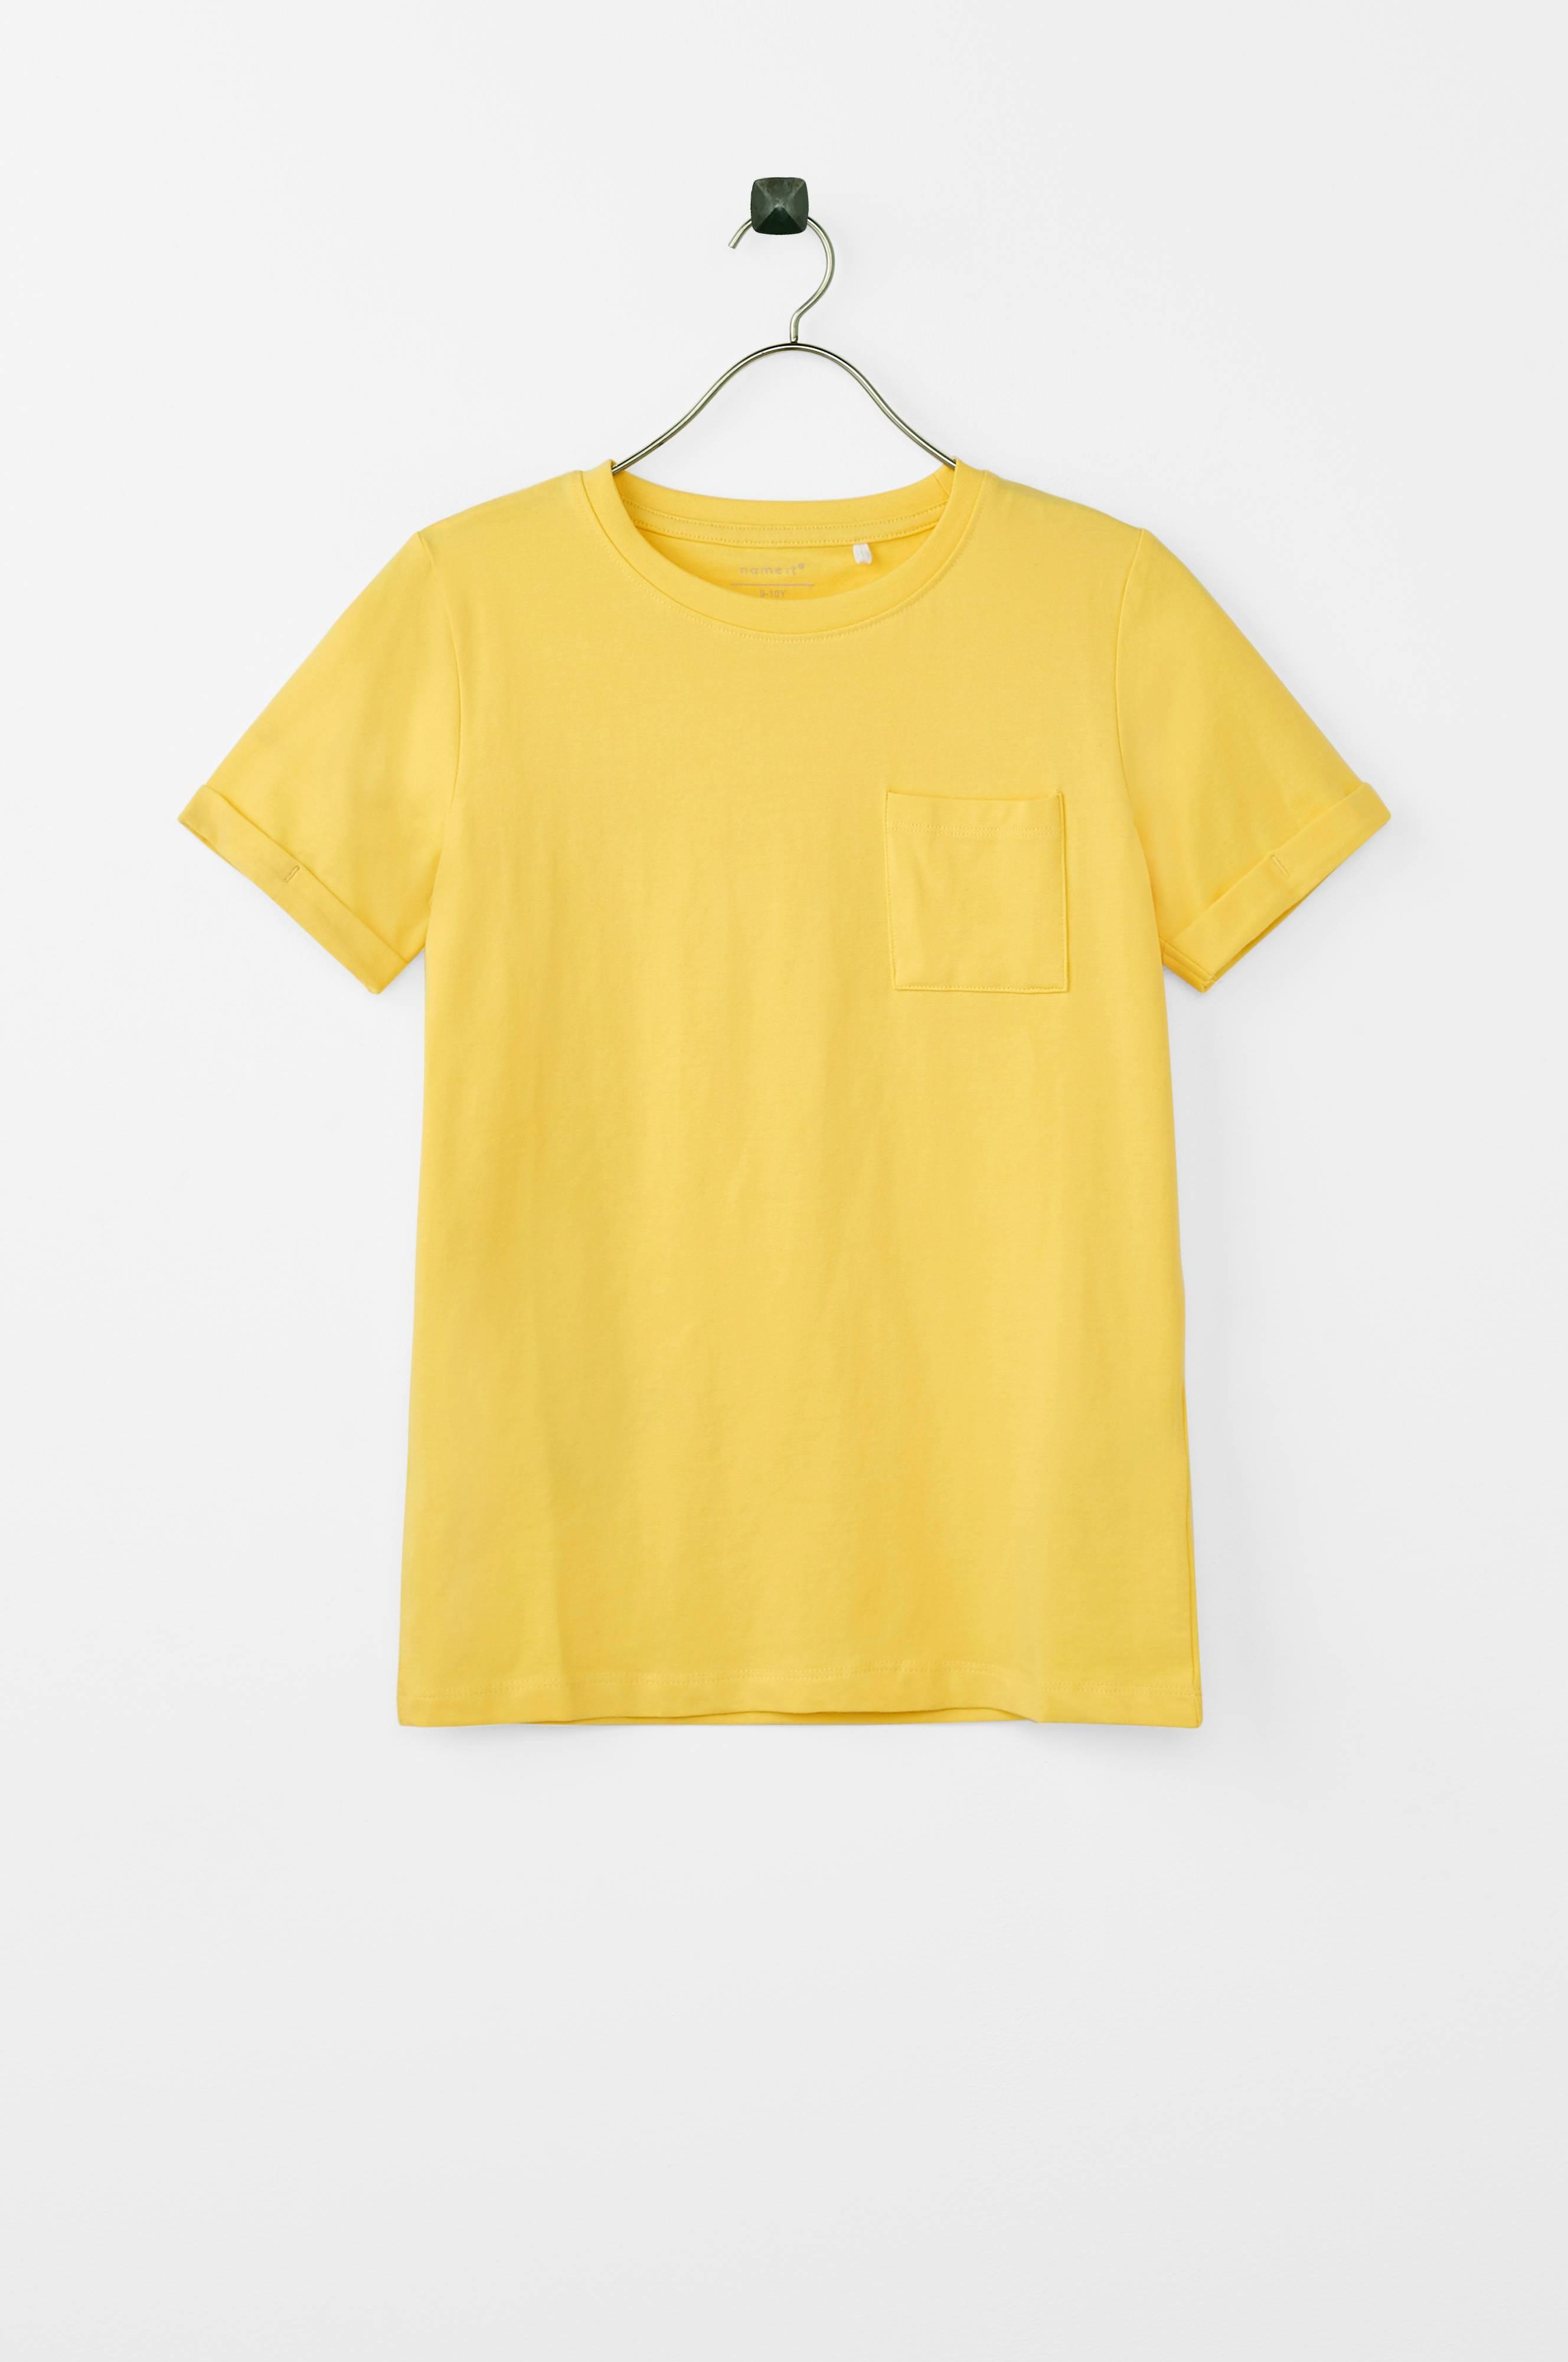 53161e9a Name it kids T-shirt nkmVester SS Top - Gul - Børn - Ellos.dk